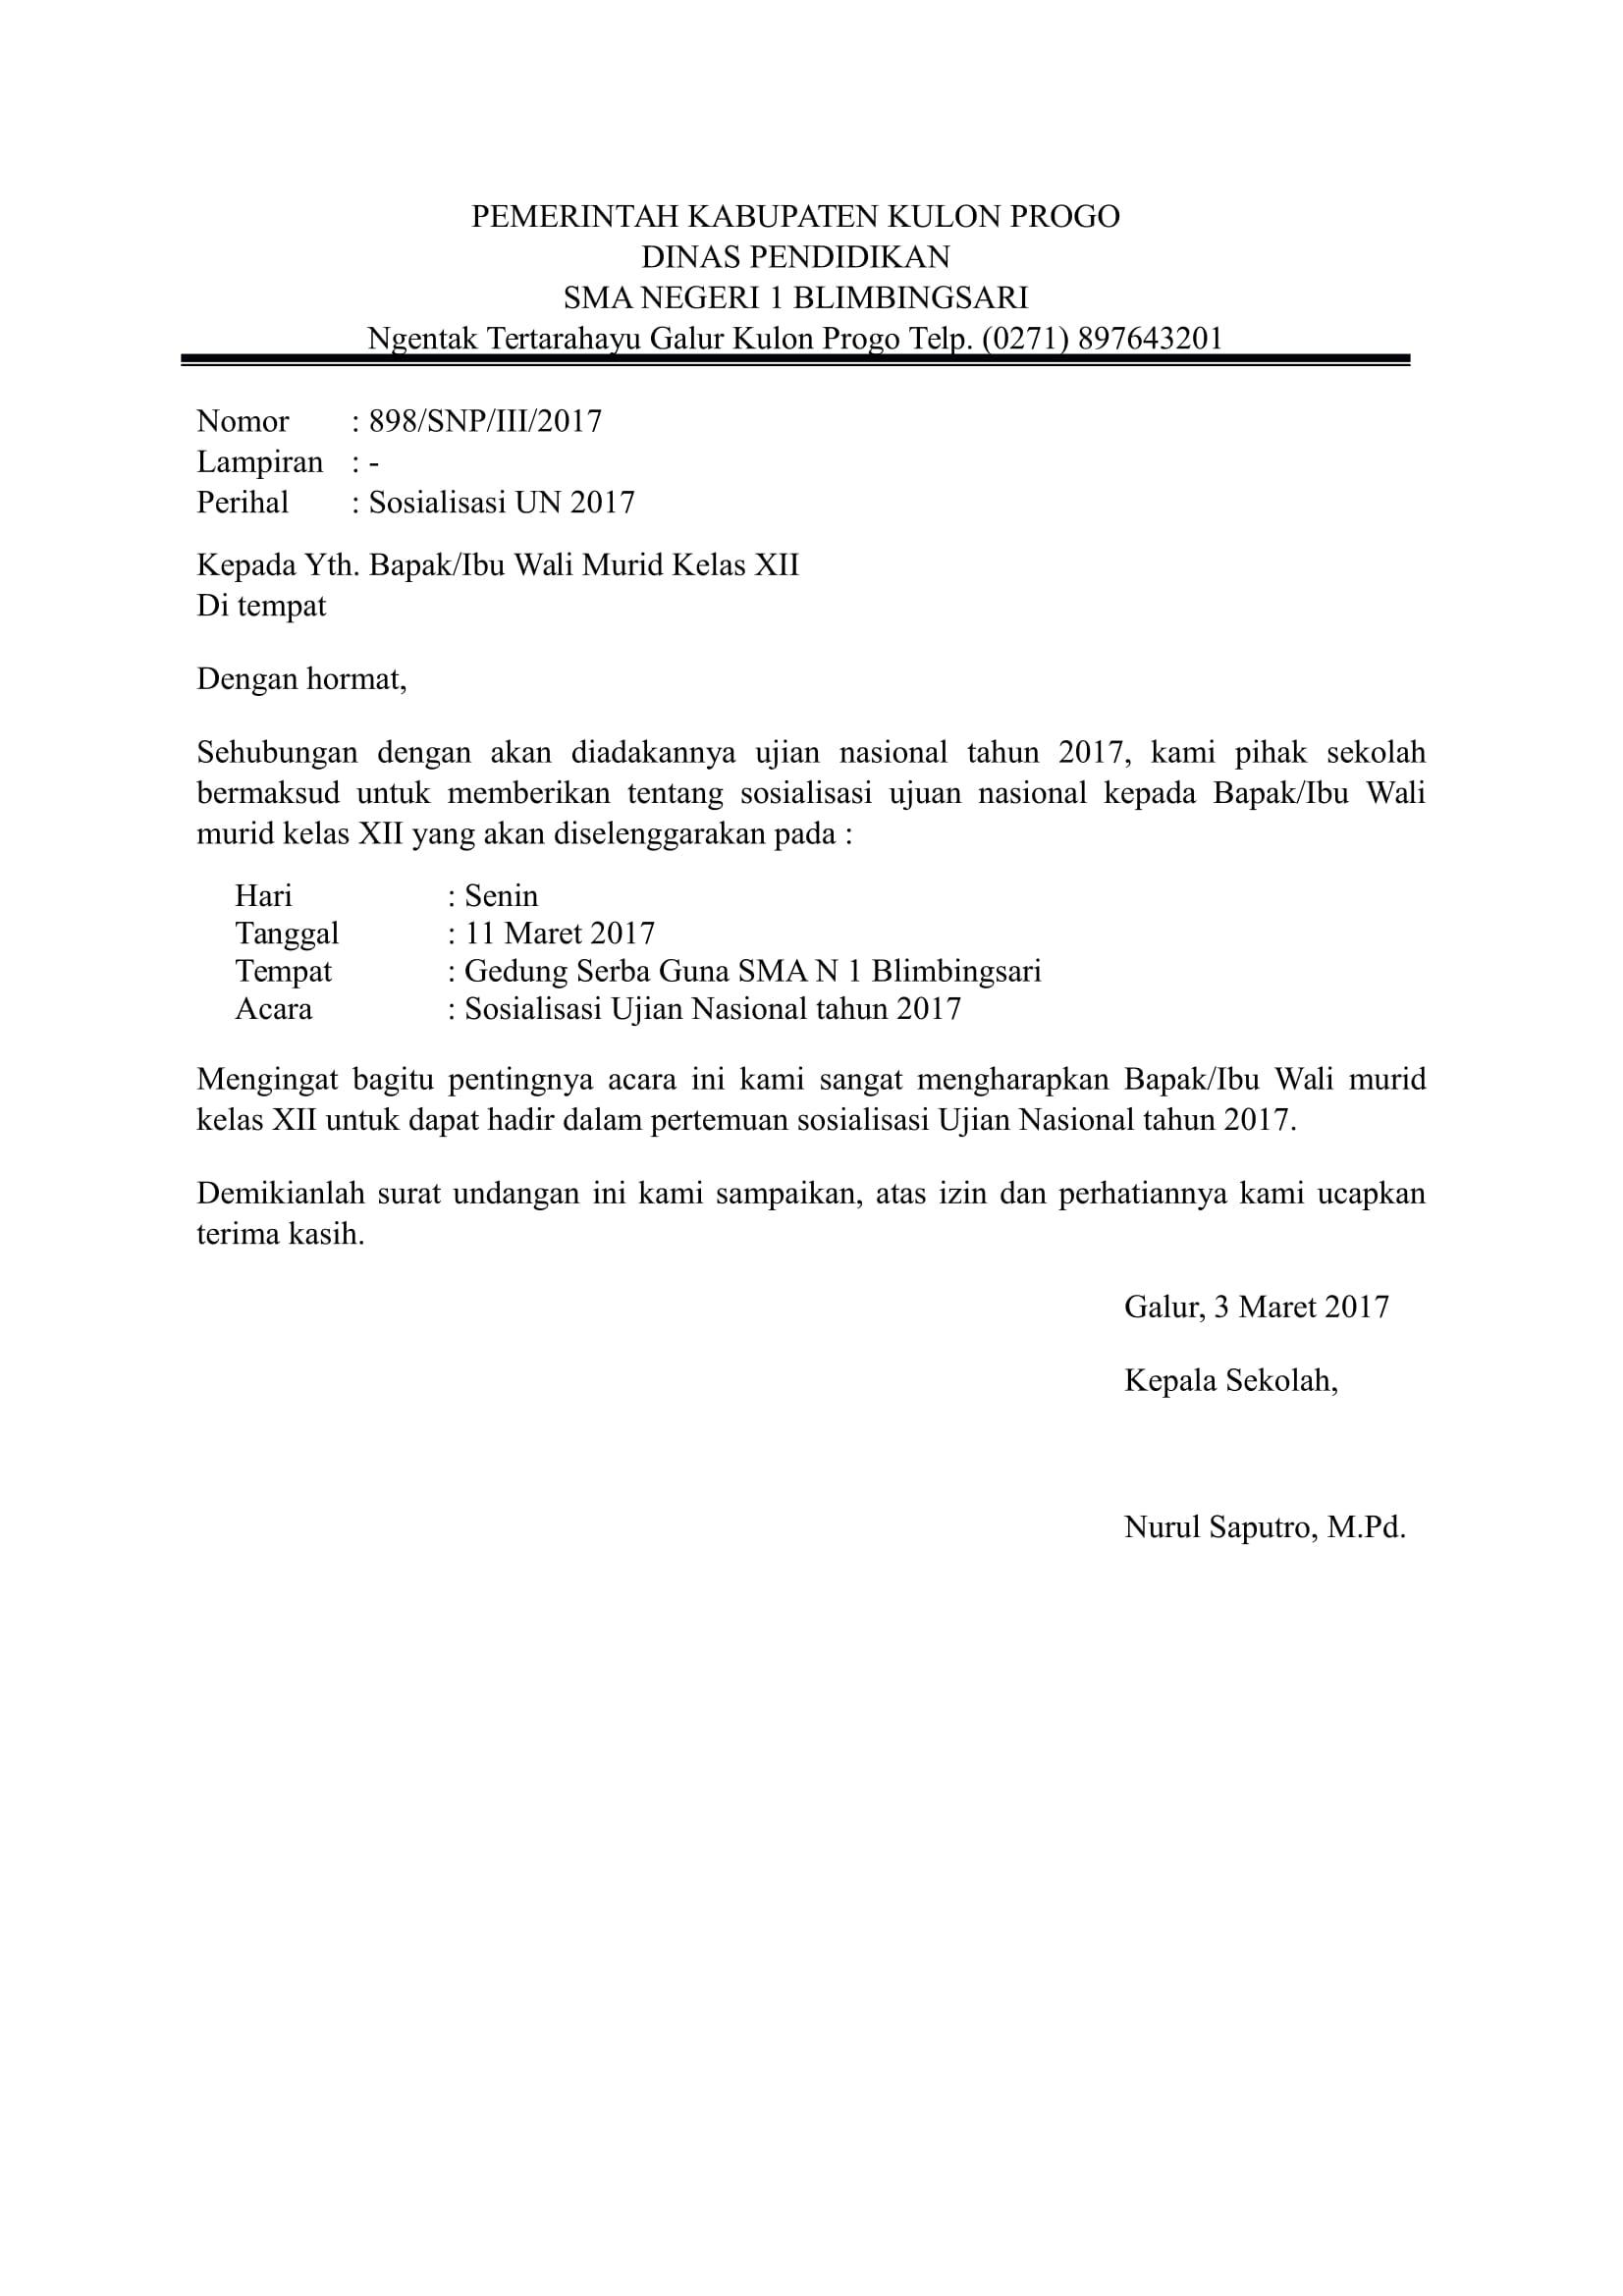 Download Contoh Surat Resmi Sekolah Terbaru